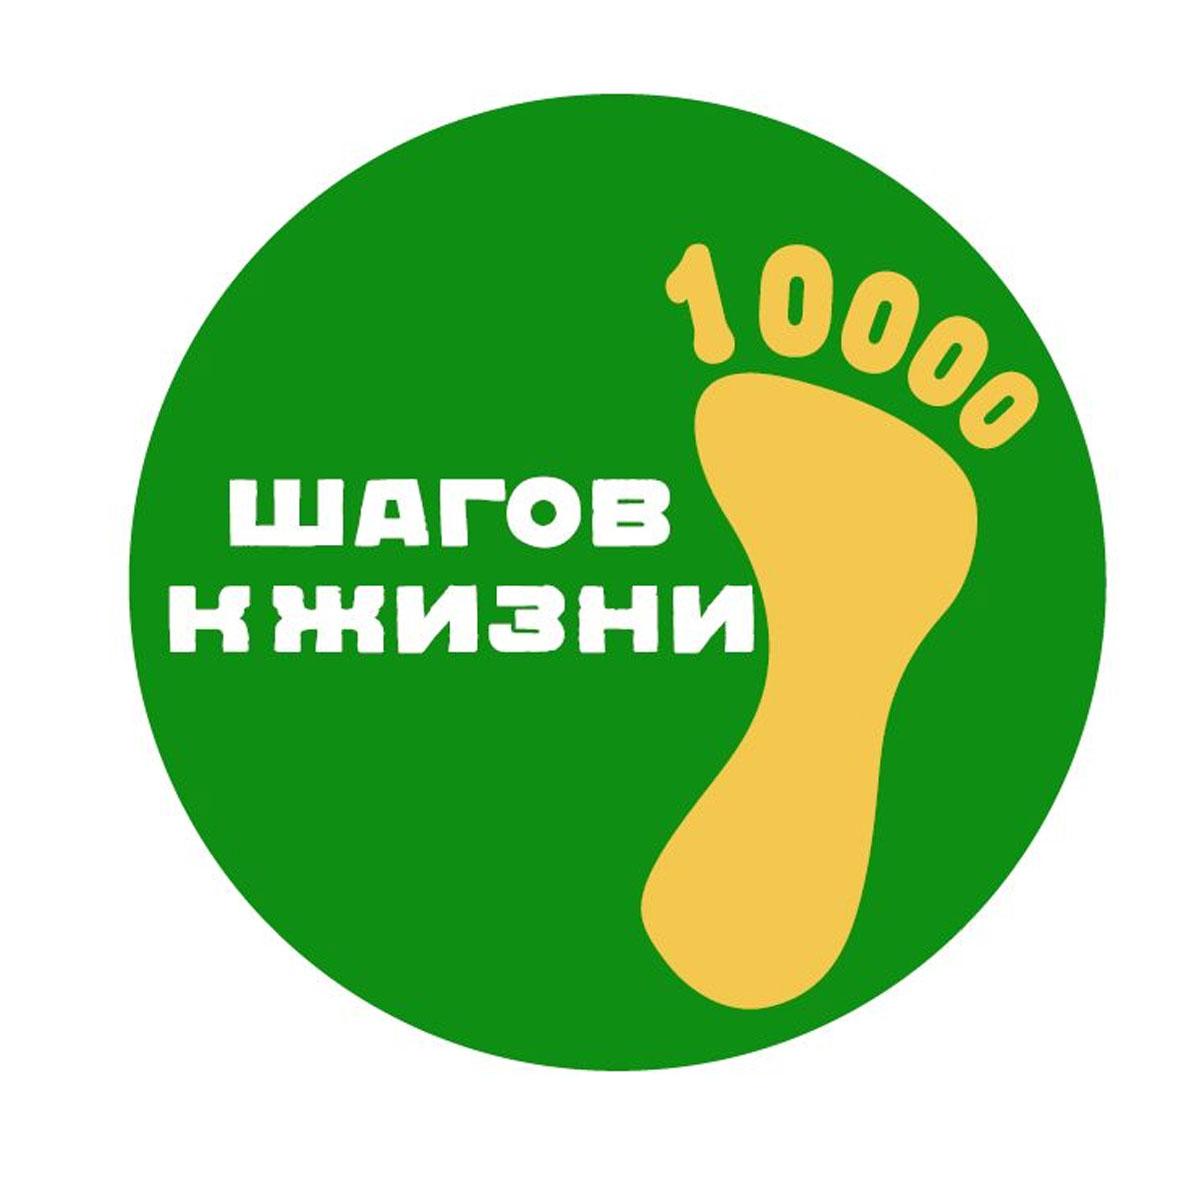 Жителей Волгодонского района приглашают принять участие в акции «10 000 шагов к жизни»